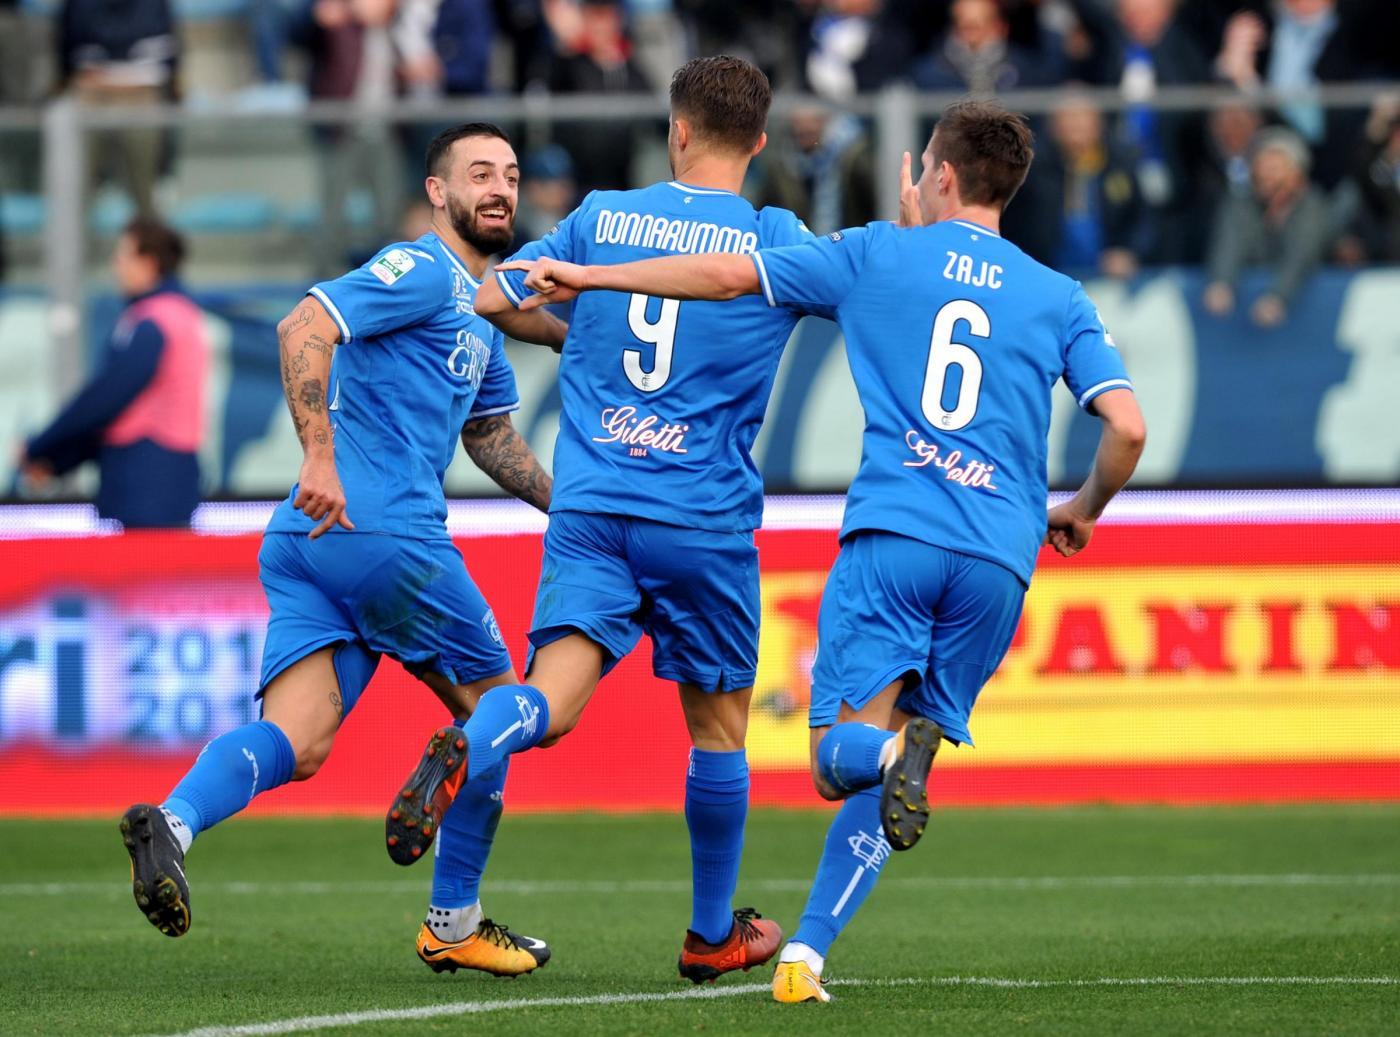 Serie A, Frosinone-Empoli 21 ottobre: analisi e pronostico della giornata della massima divisione calcistica italiana